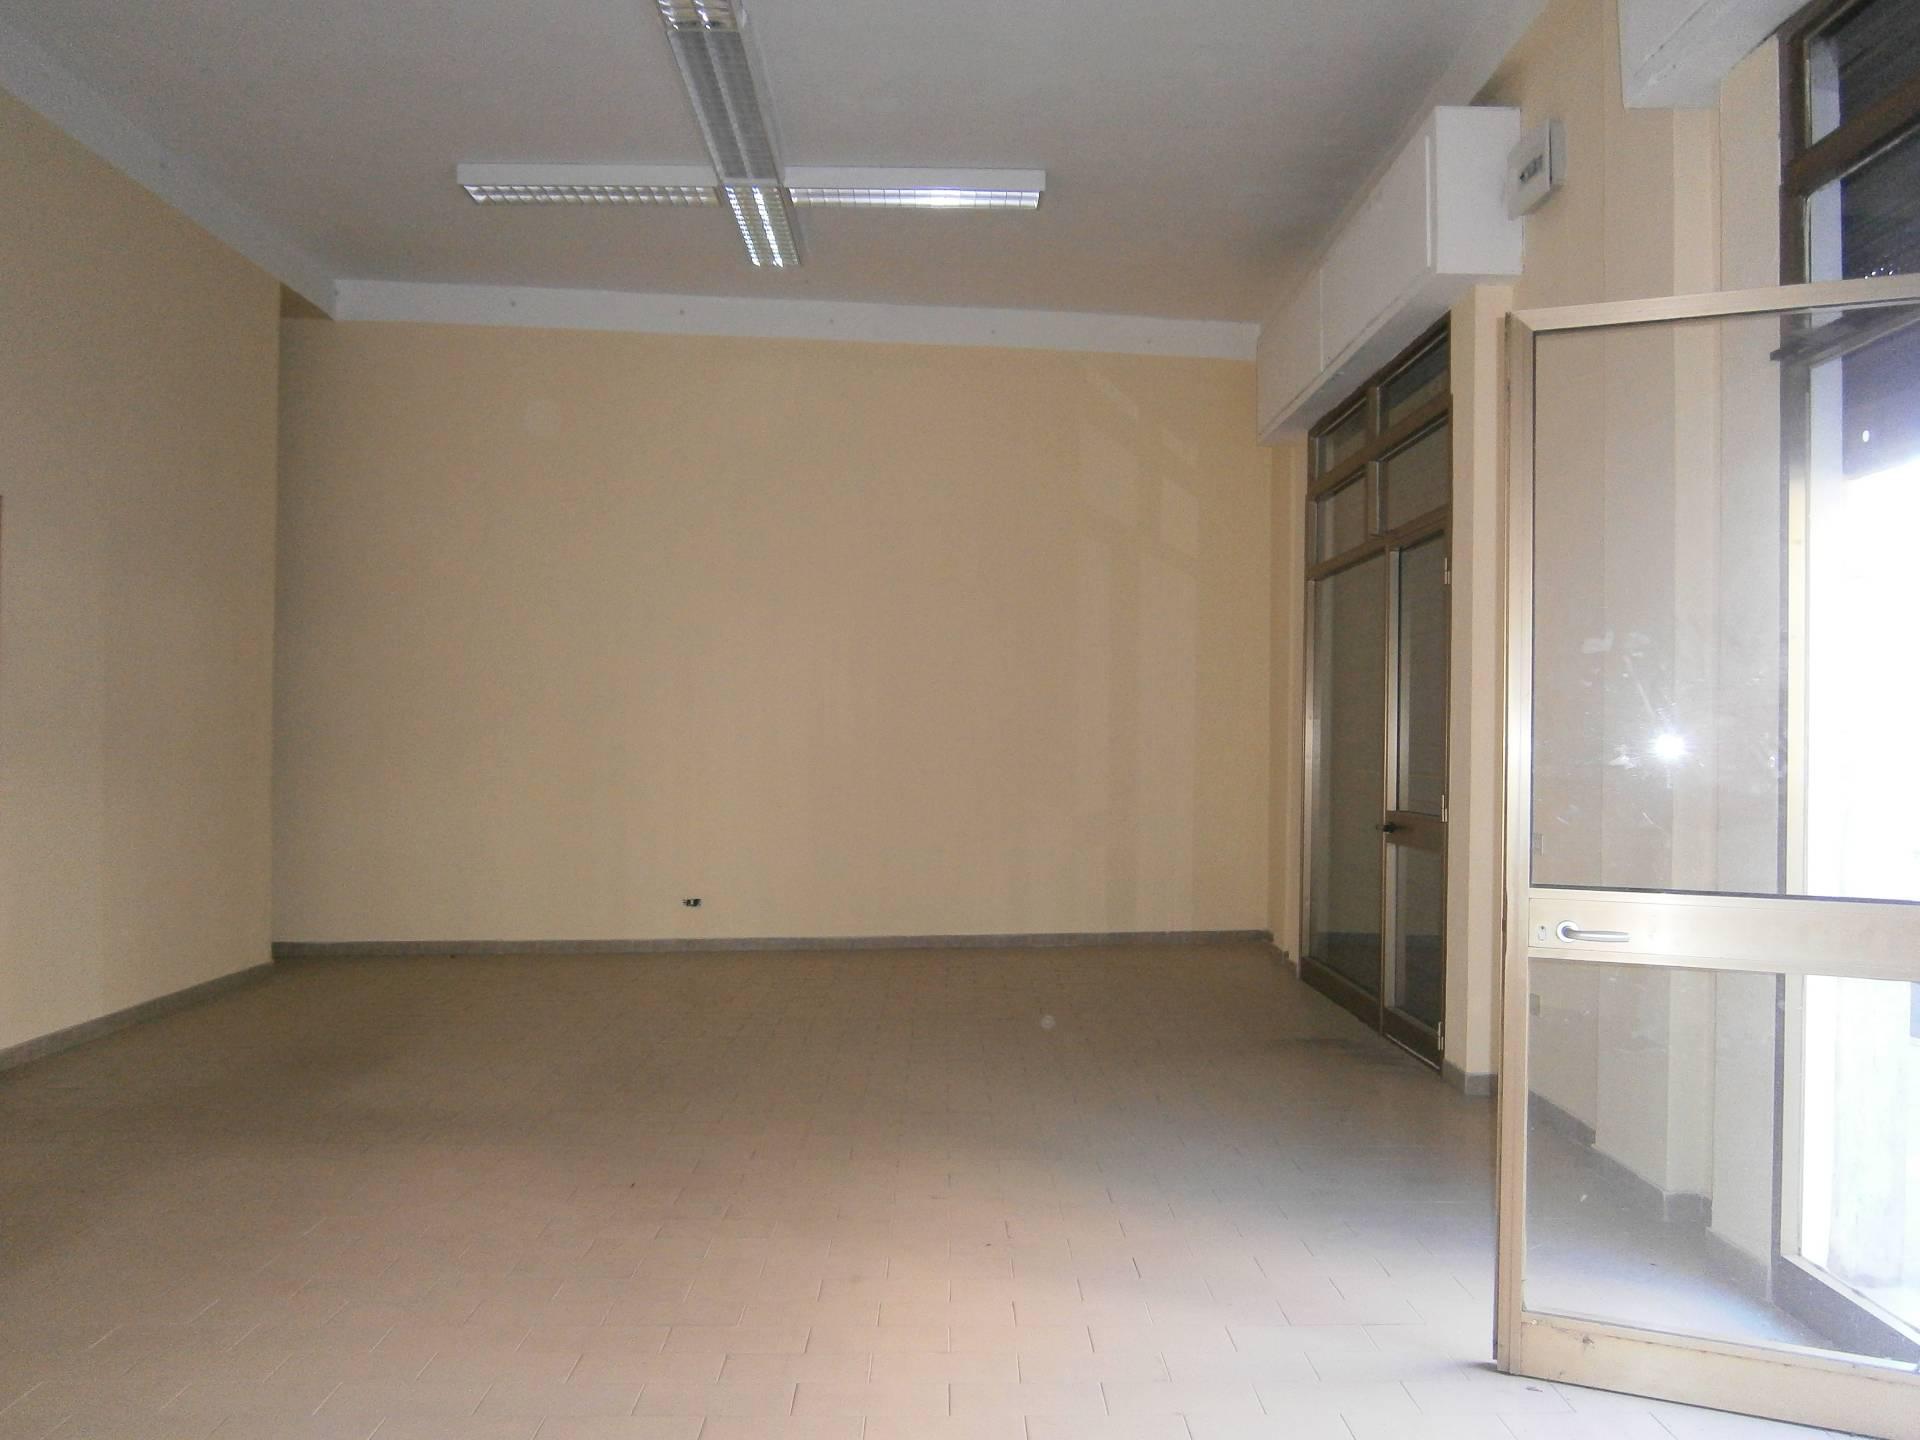 Negozio / Locale in affitto a Quartu Sant'Elena, 9999 locali, zona Località: VialeMarconi, prezzo € 800 | Cambio Casa.it